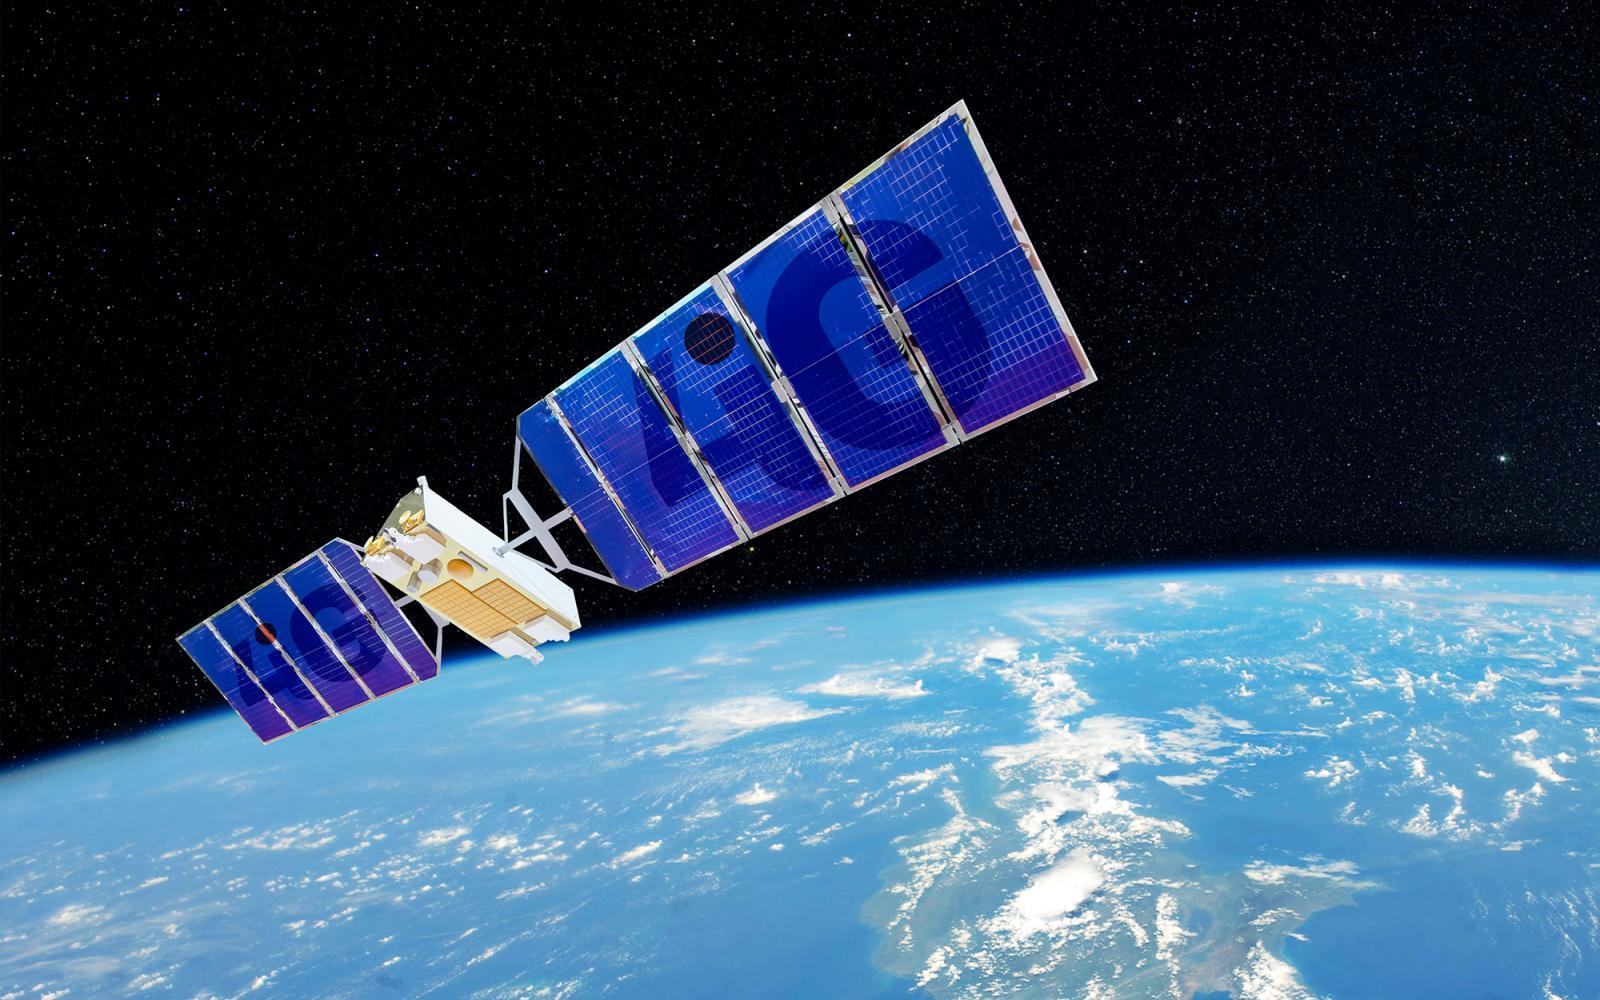 Nem kell sokat várni és jön az eddiginél sokkal gyorsabb műholdas internet